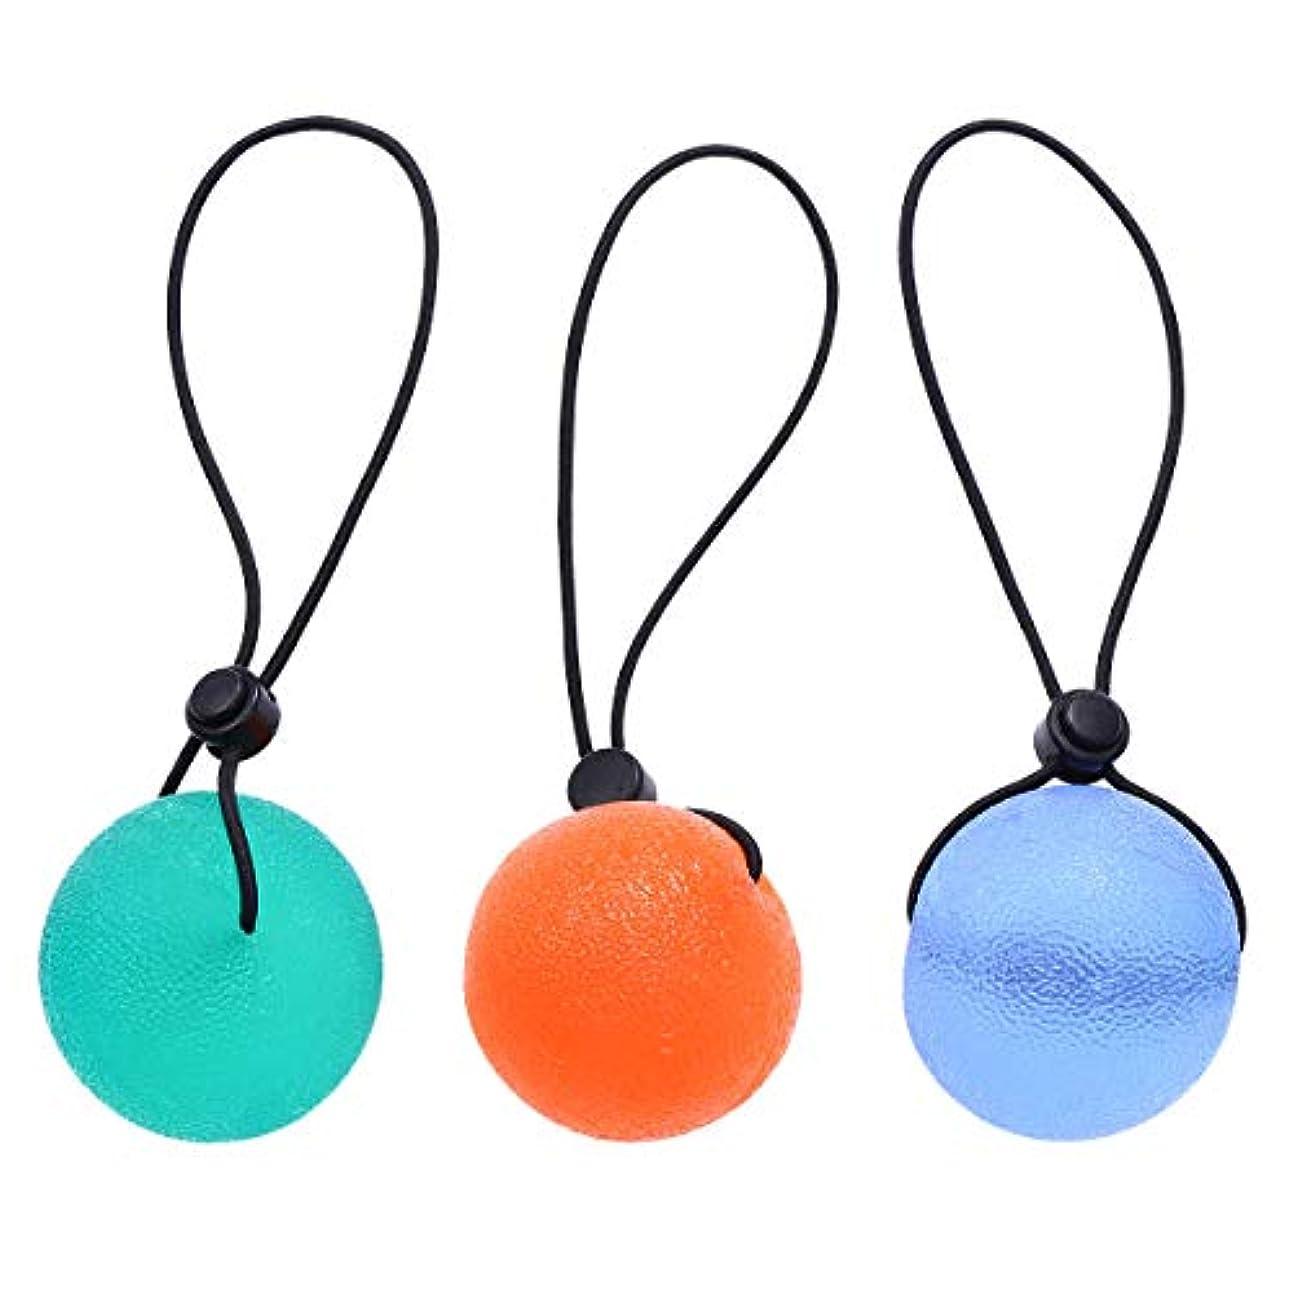 同盟ドロップ君主HEALIFTY ストレスリリーフボール、3本の指グリップボールセラピーエクササイズスクイズ卵ストレスボールストリングフィットネス機器(ランダムカラー)